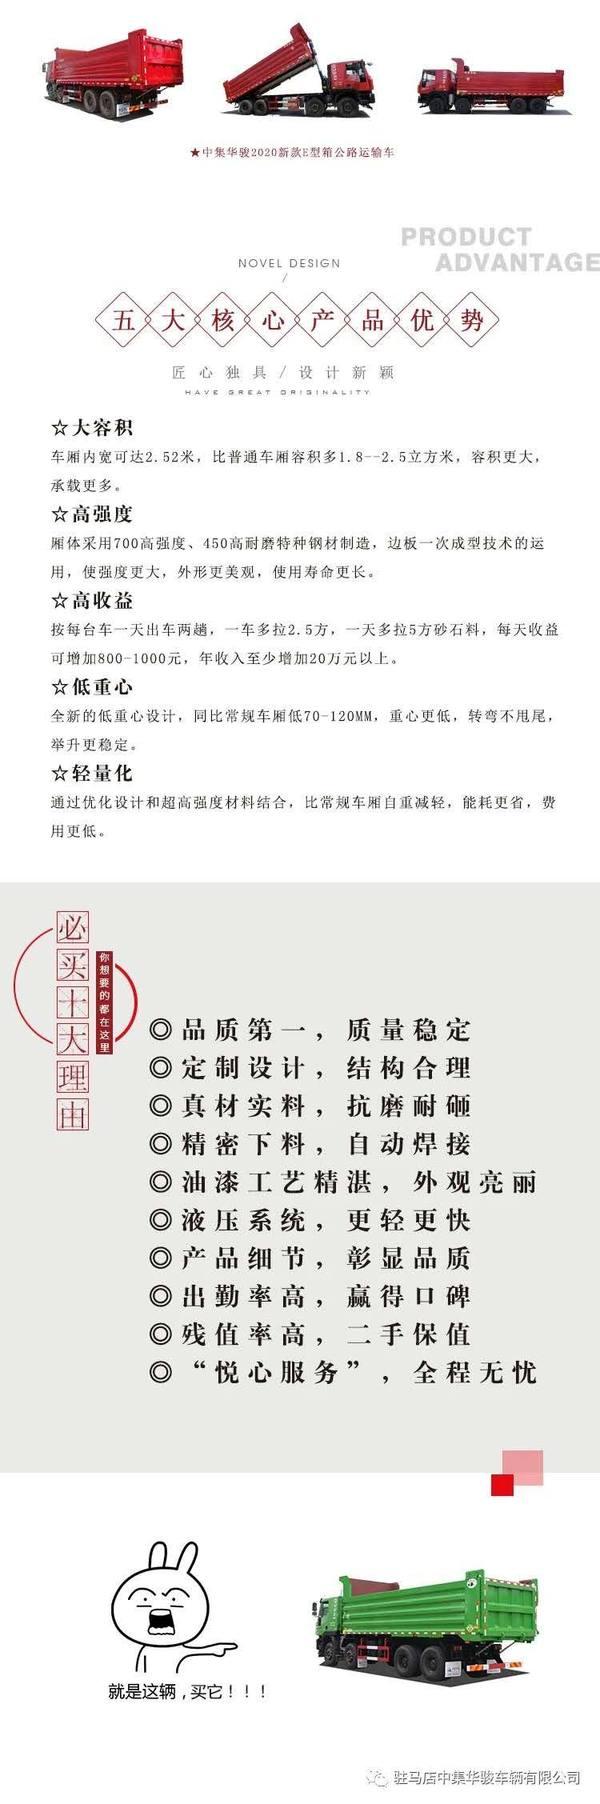 中集华骏购车指南�第二代E型箱大容积公路运输车